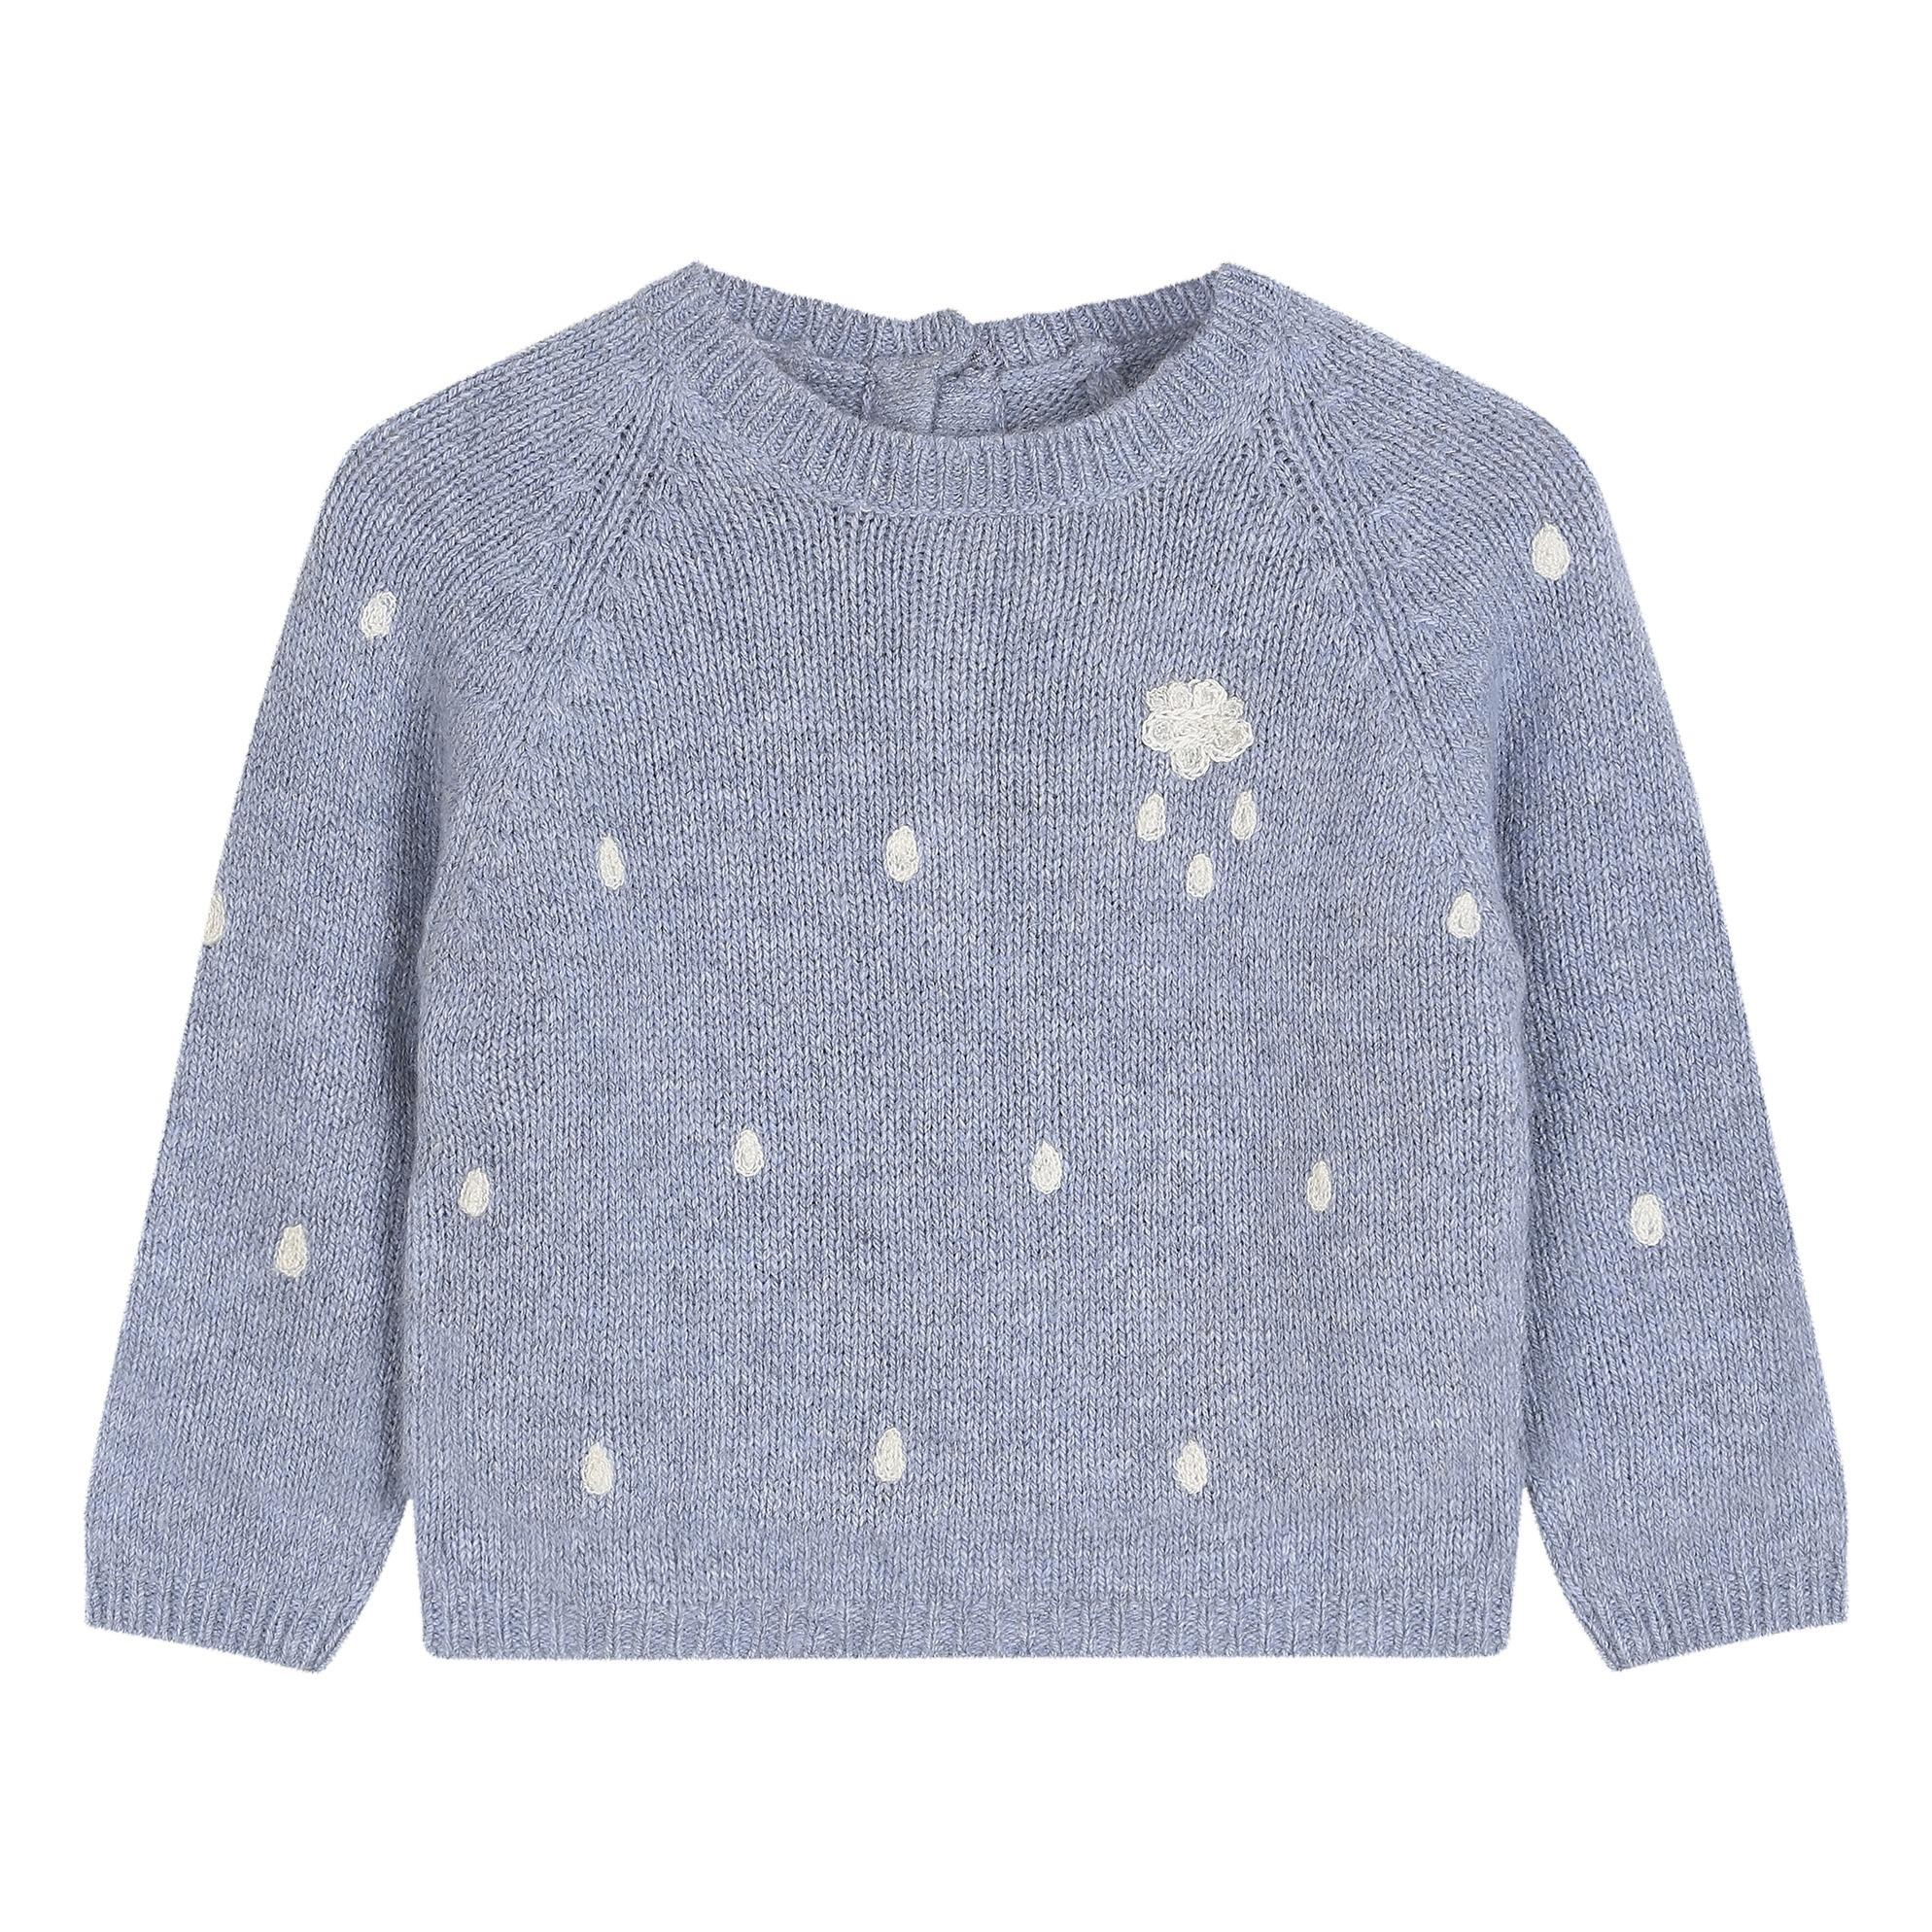 Chaquetas y jerseis para bebé